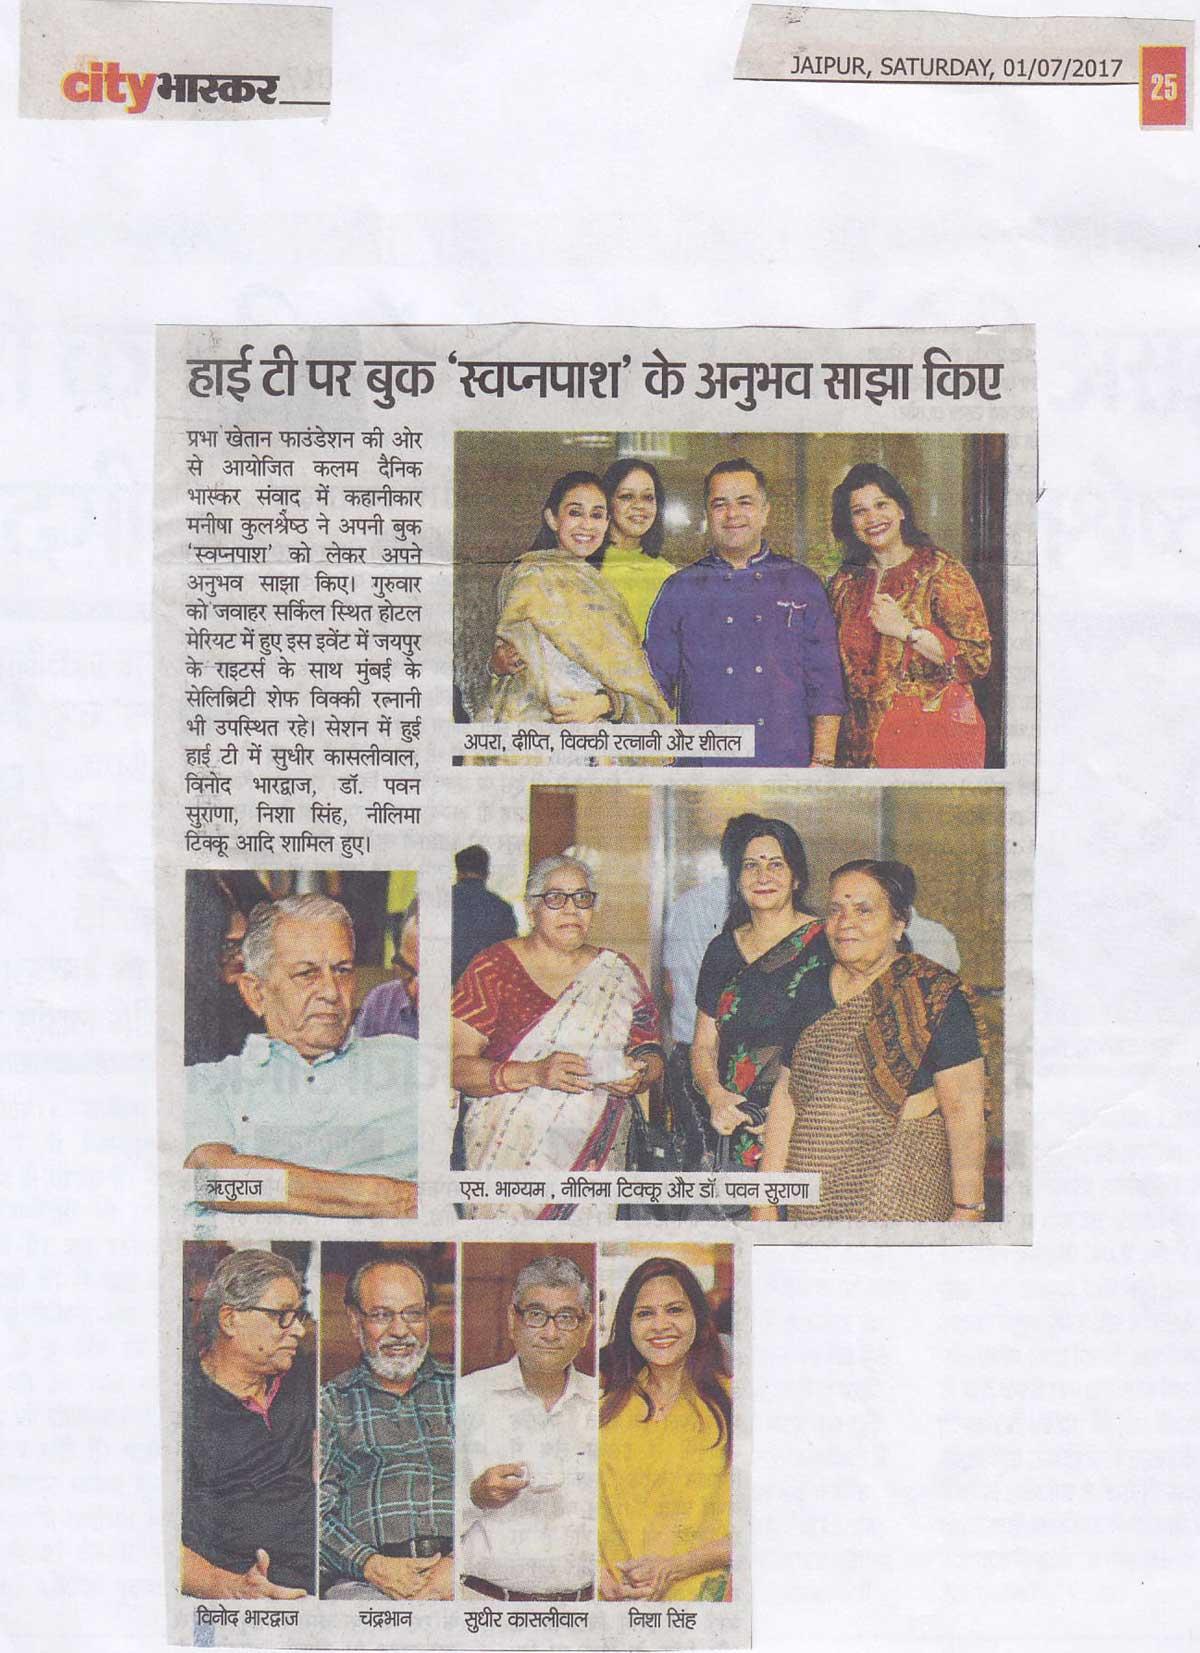 Manisha Kulshreshthha kalam jaipur (6)